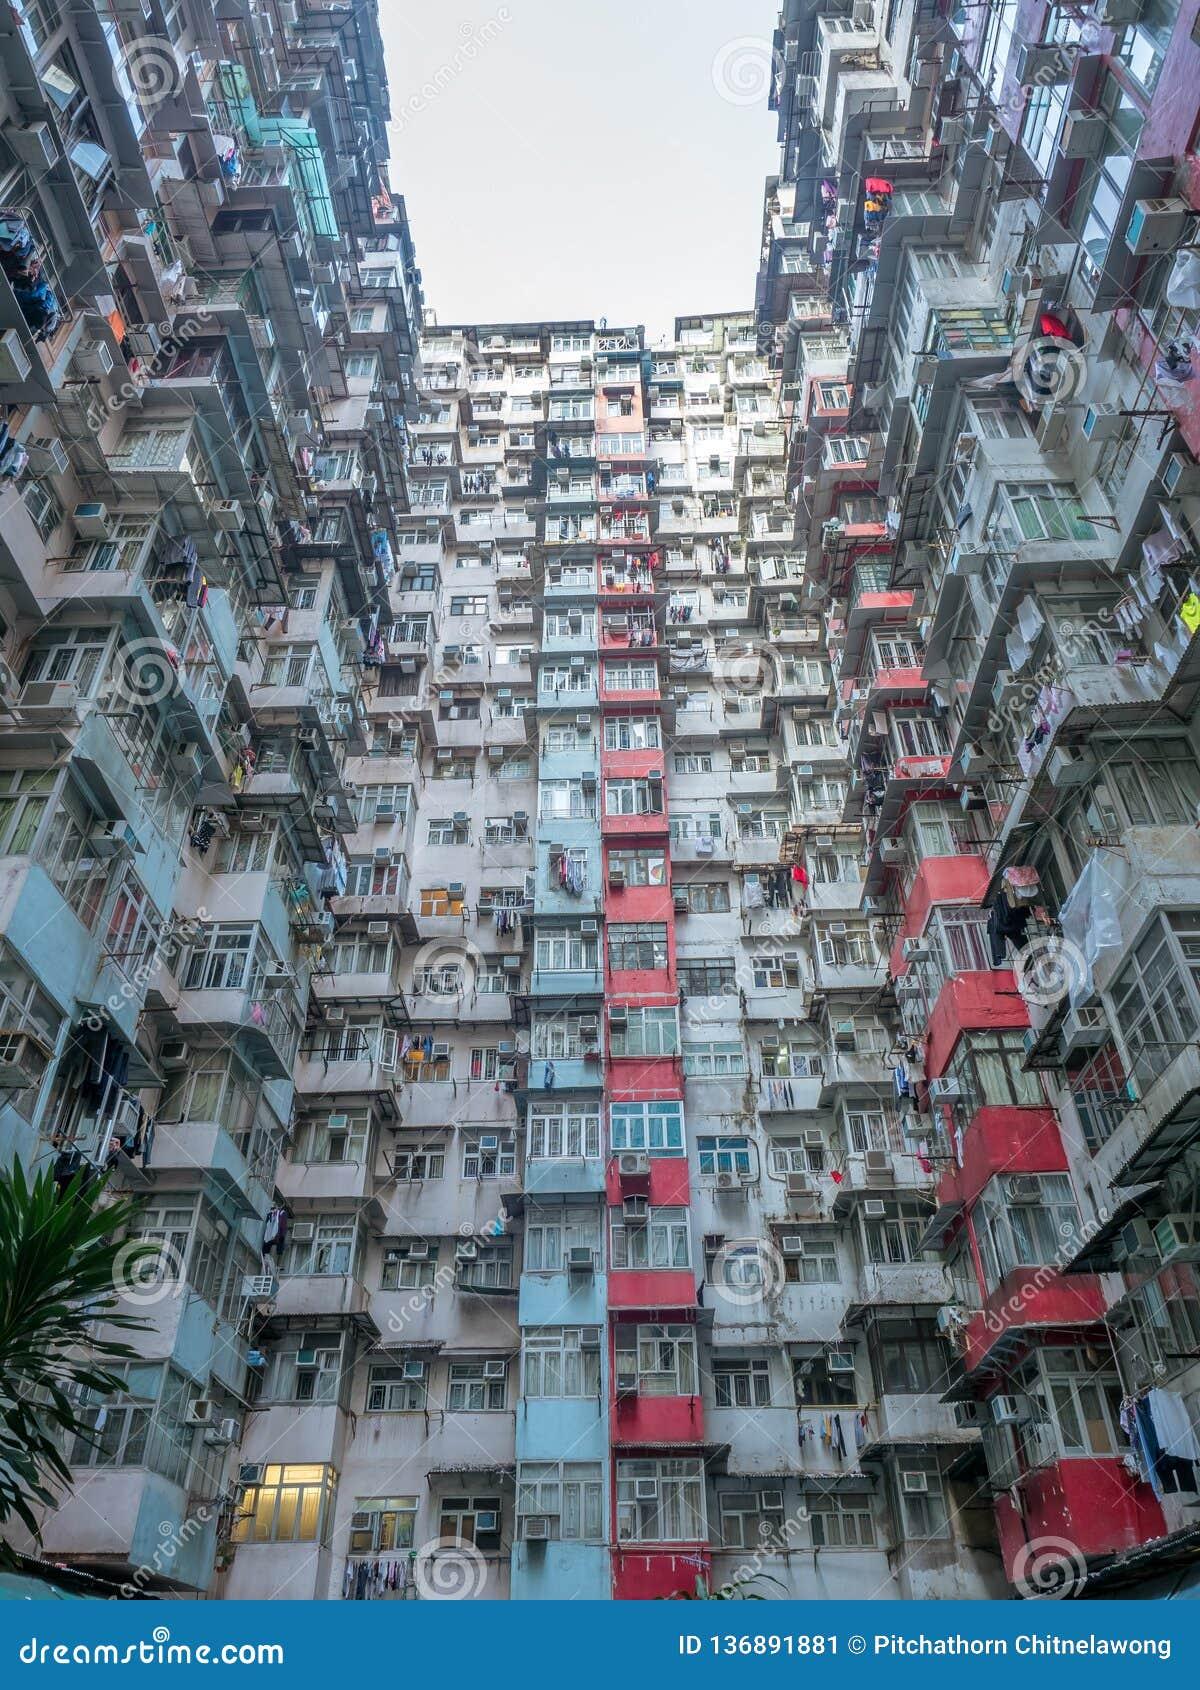 Yik Cheong Building In Hong Kong China Editorial Photo Image Of Kong Monster 136891881